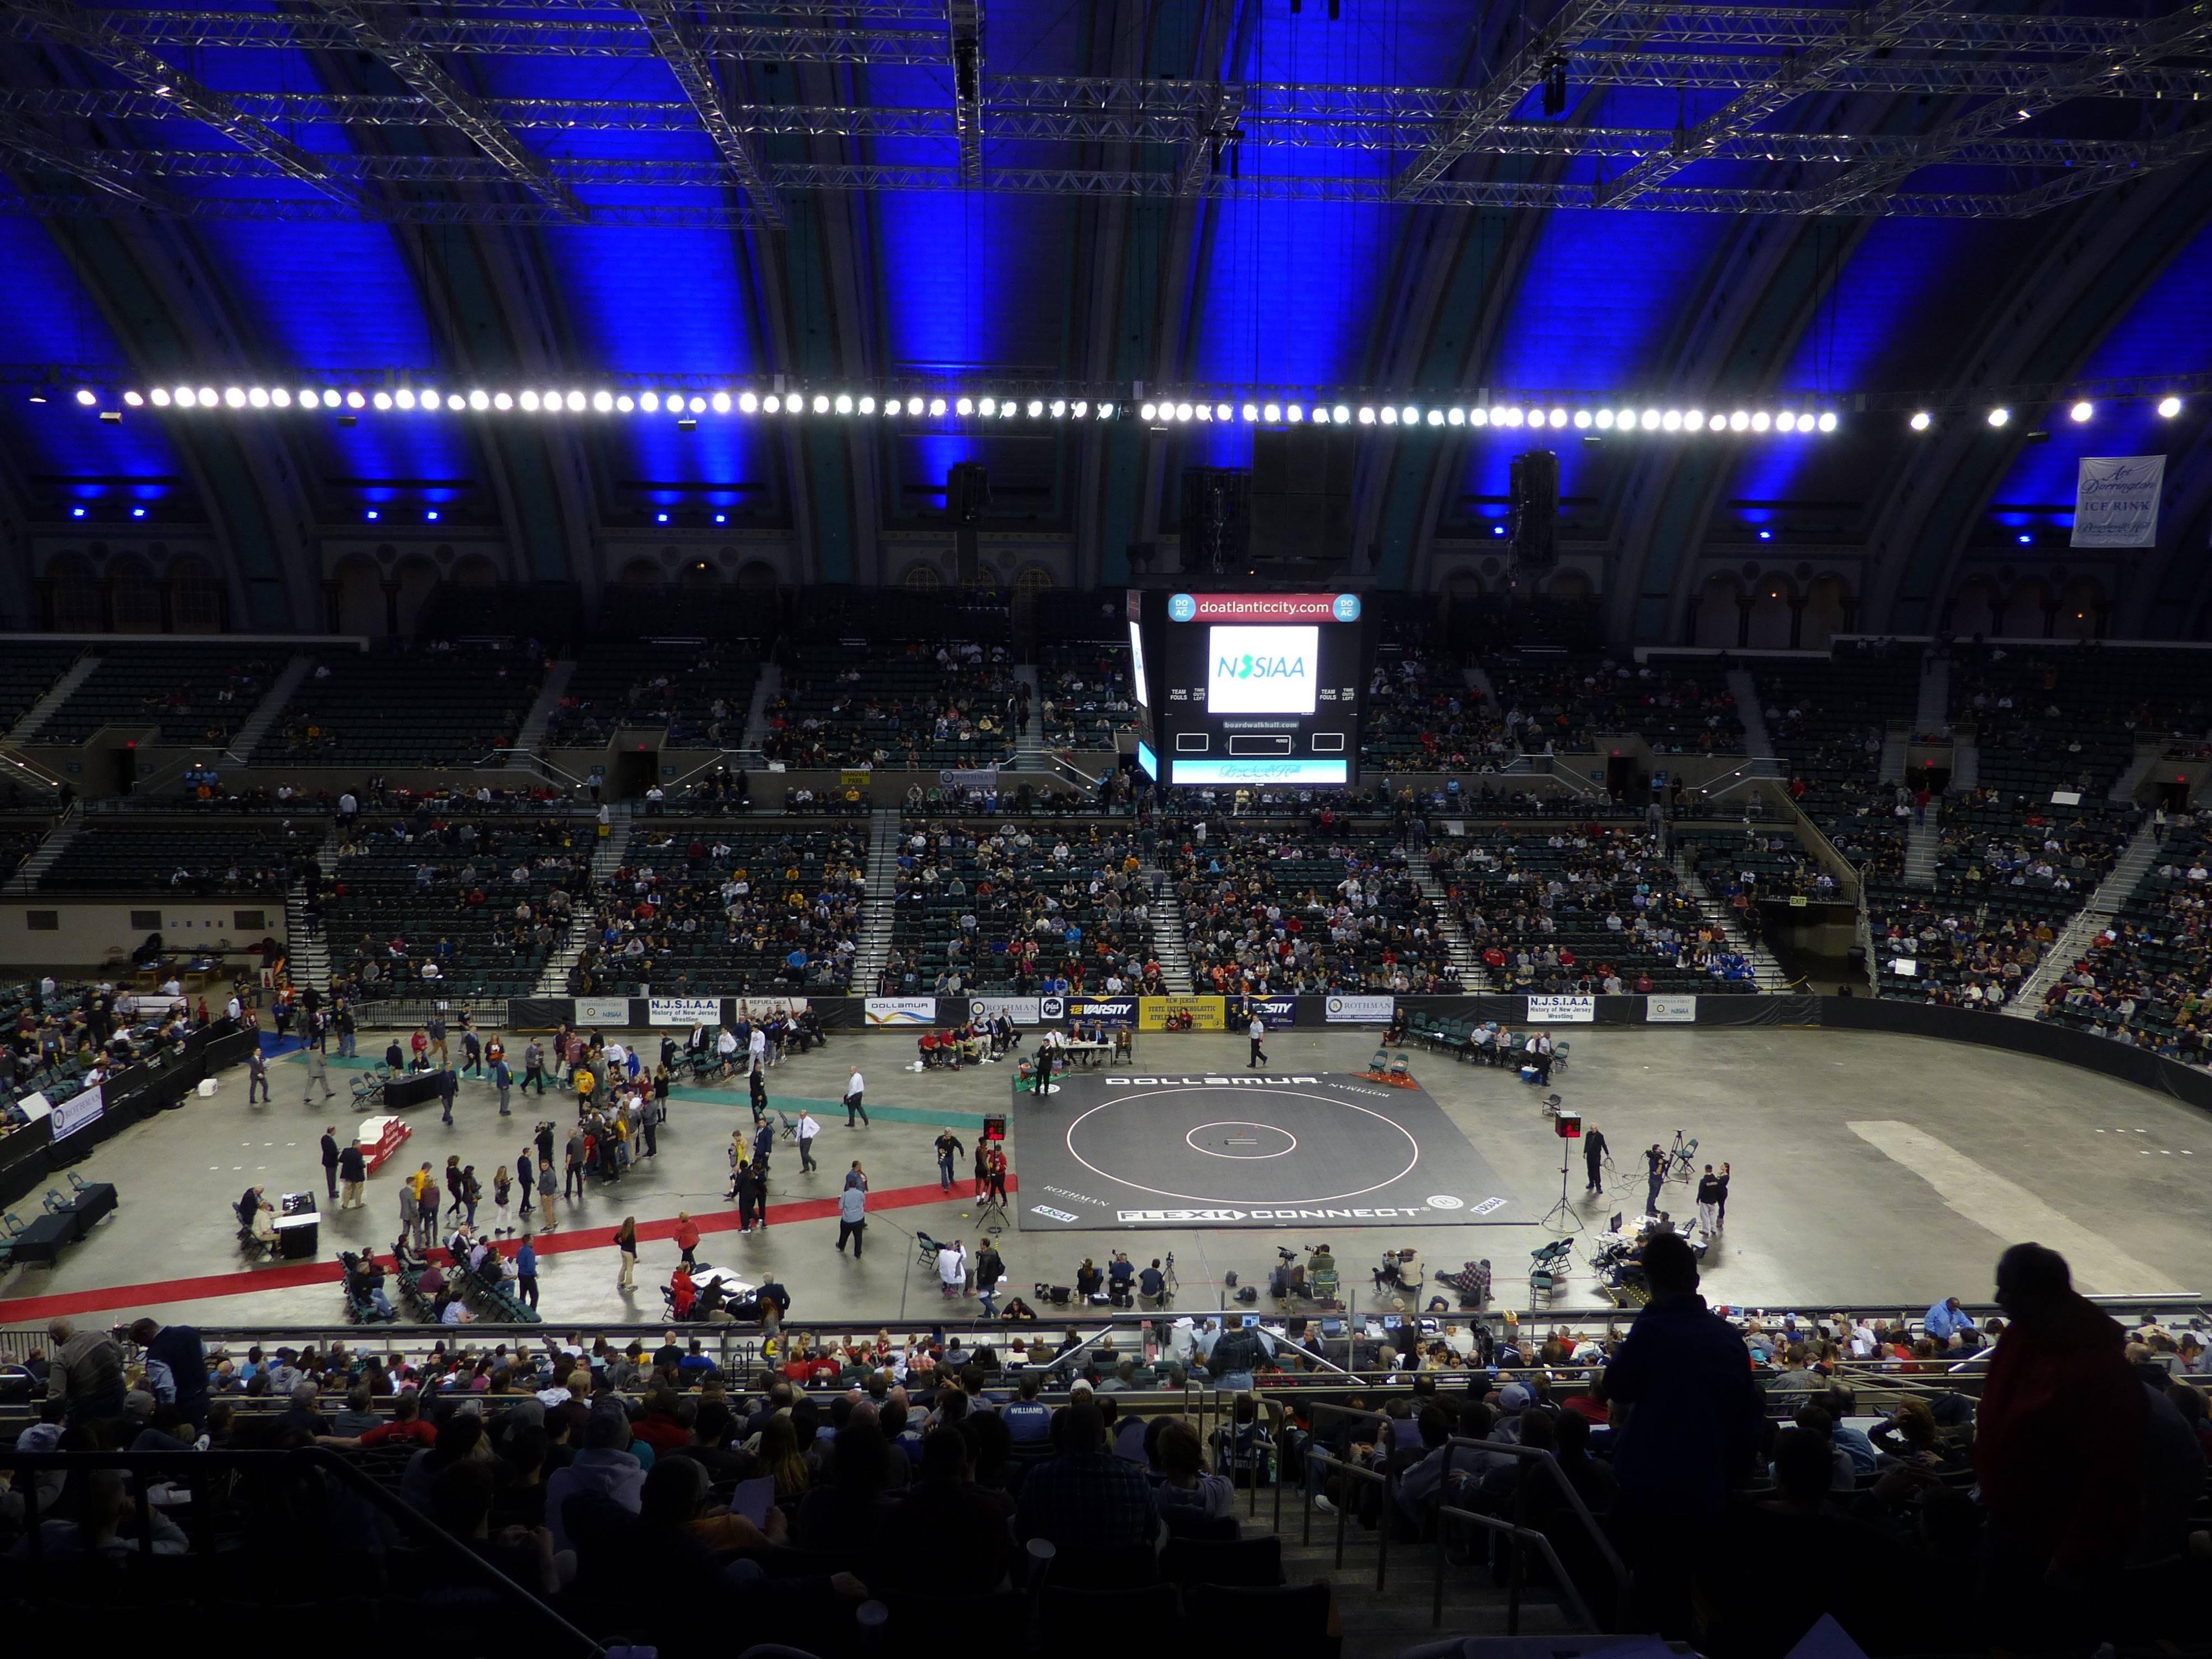 7befc78af9d47b946526_2017_NJSIAA_Wrestling_Championships.jpg